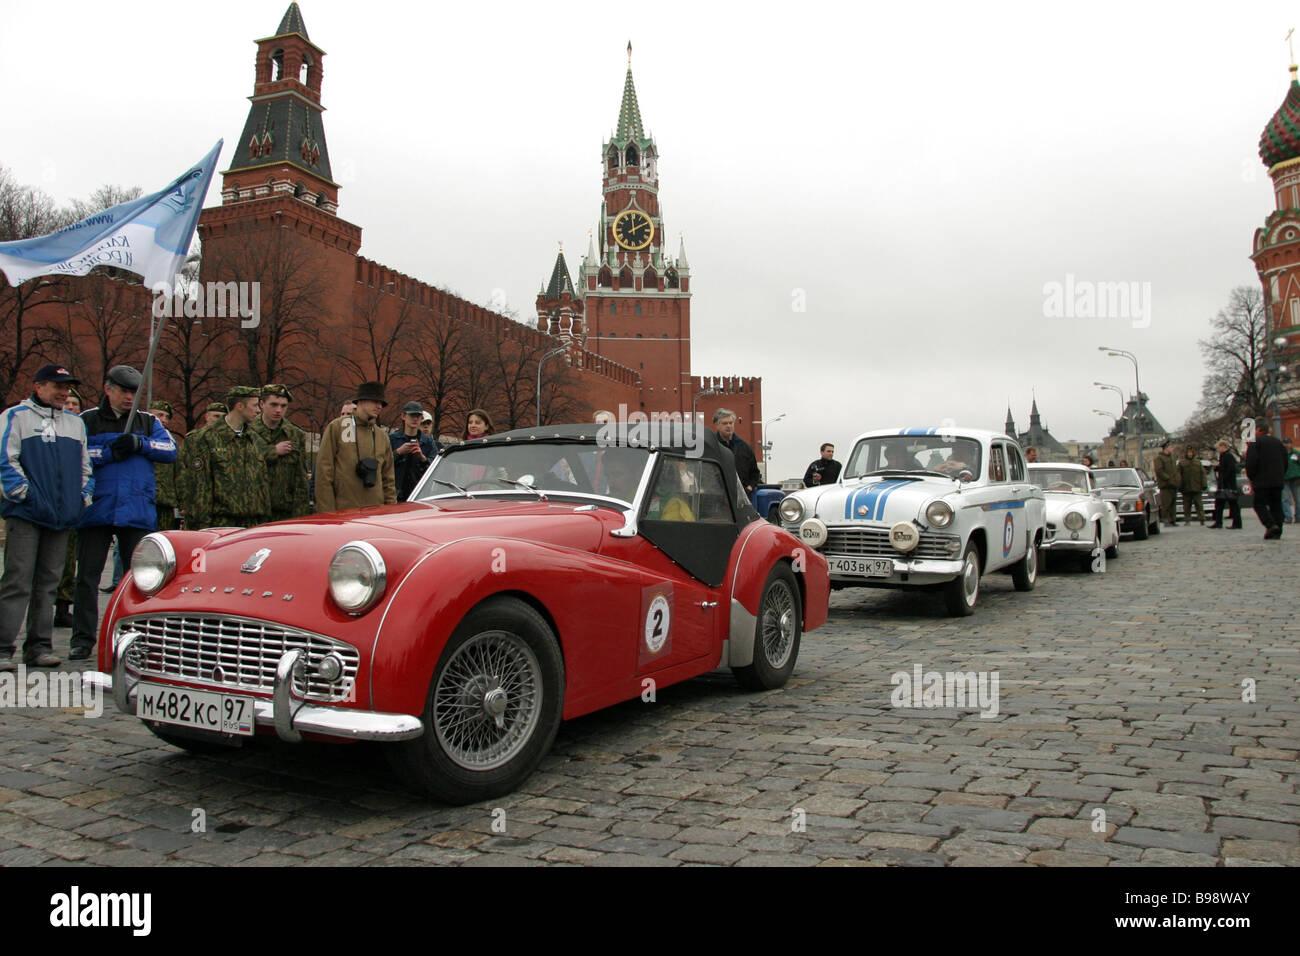 Ein Oldtimer-Rennen findet statt am Vasilevsky Spusk Tha Autos sind nicht jünger als 30 Jahre Stockbild